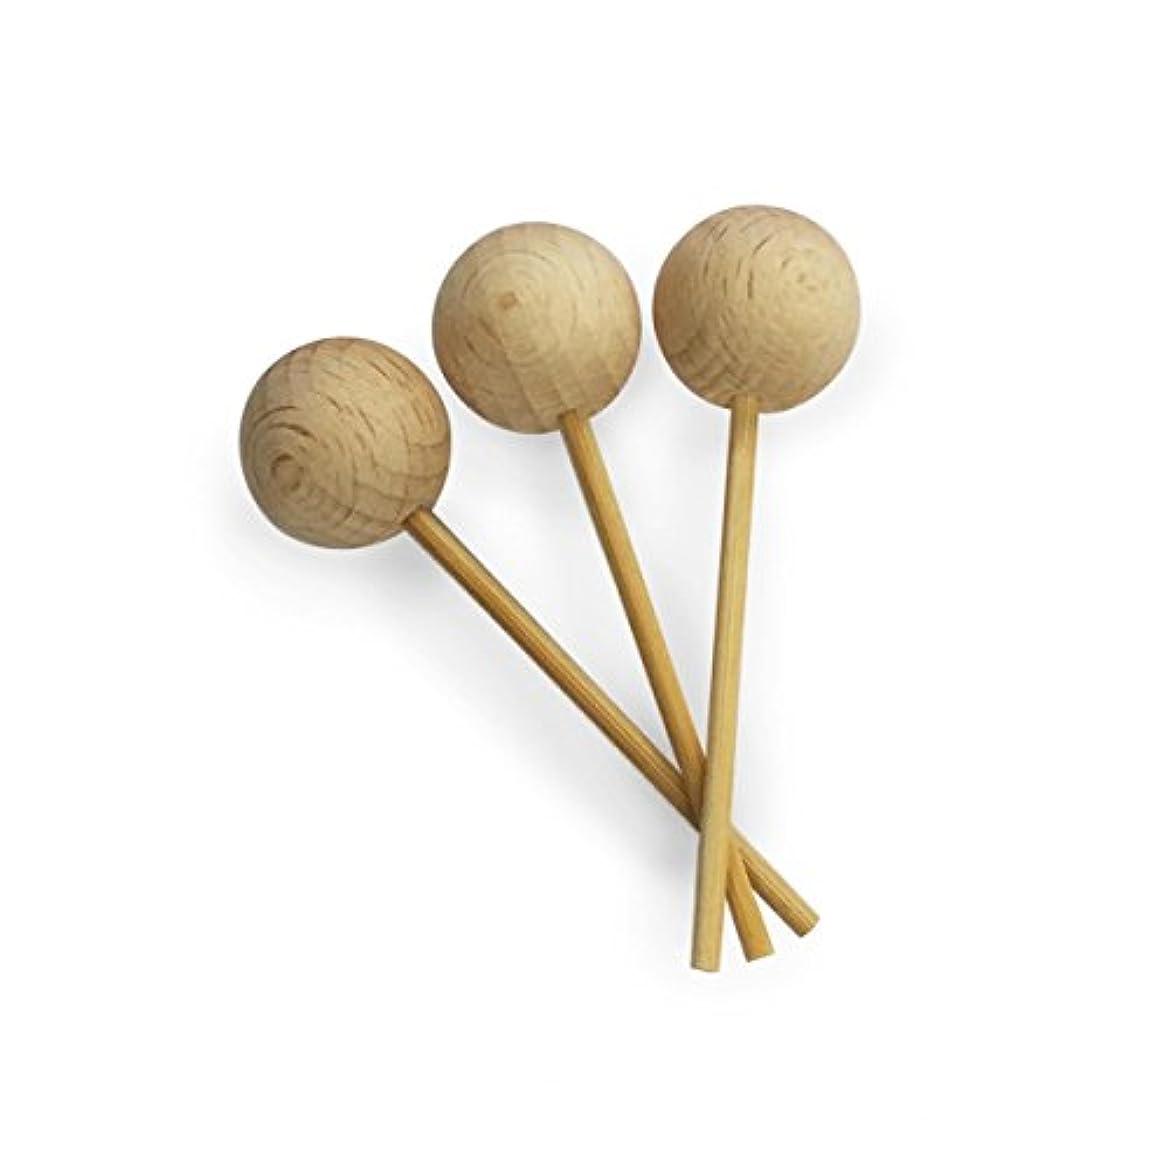 憲法鬼ごっこ修正するカリス成城 アロマ芳香器 木のお家 交換用木製スティック3本入